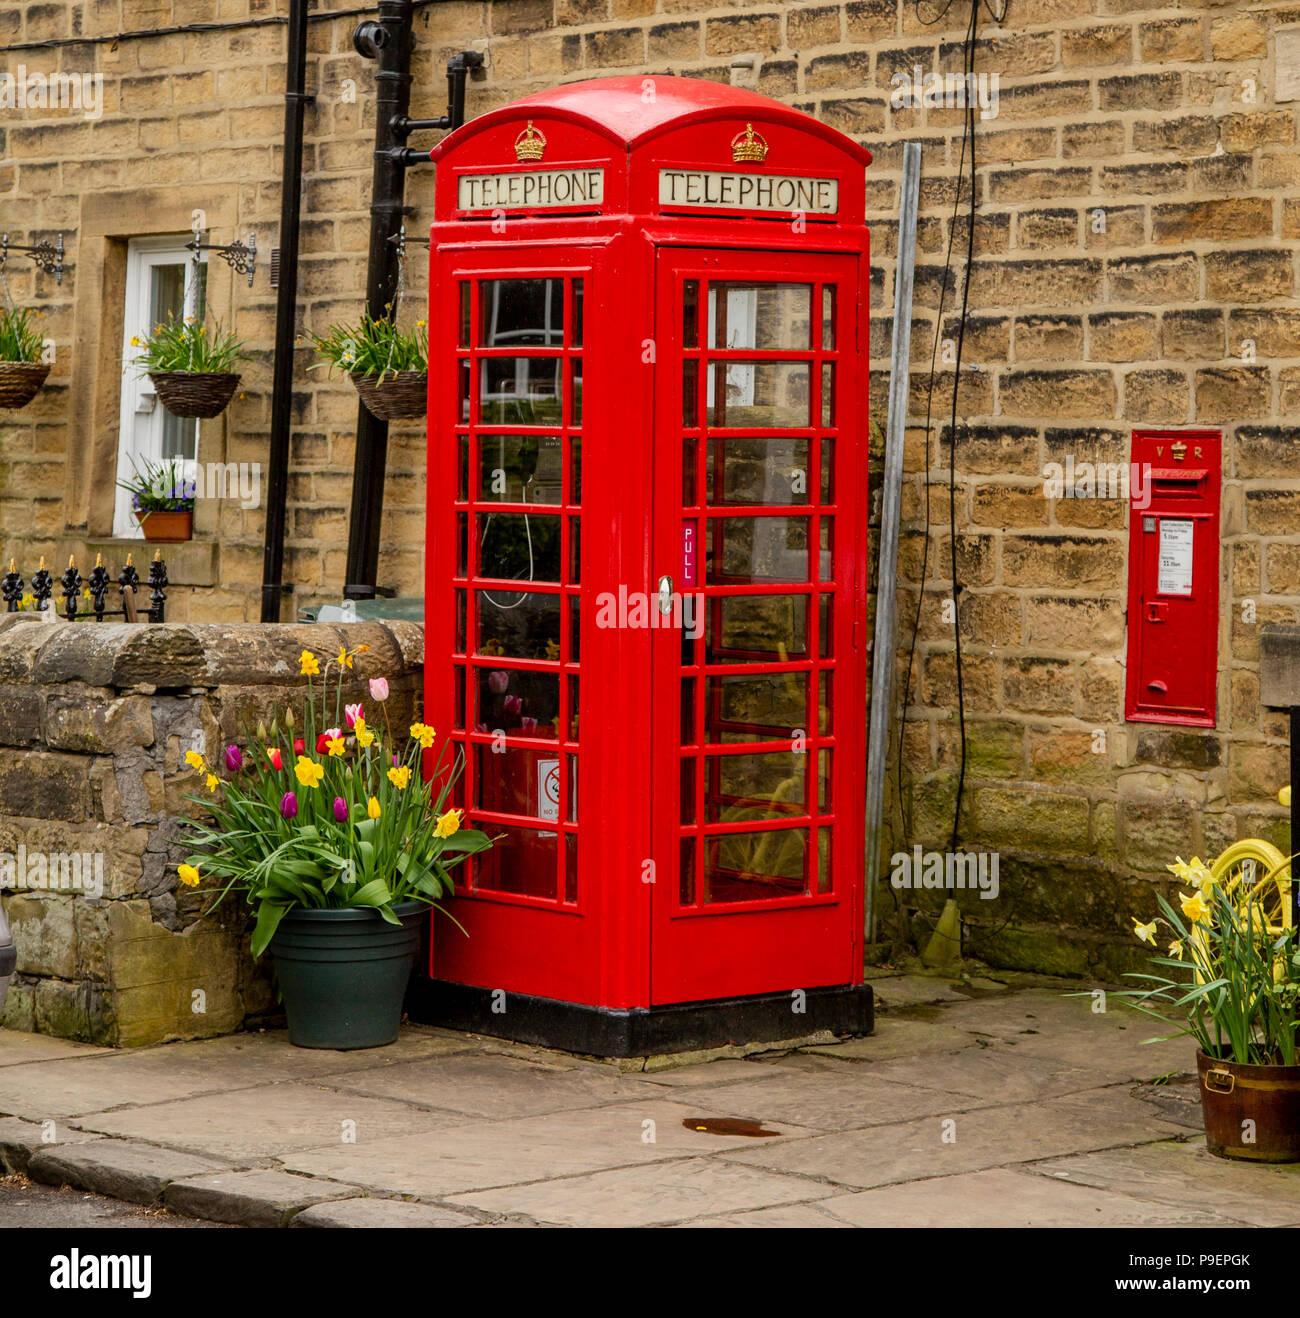 Un K6 telefono rosso scatola (UK) e la parete postbox in Esholt, West Yorkshire, Inghilterra. Foto Stock